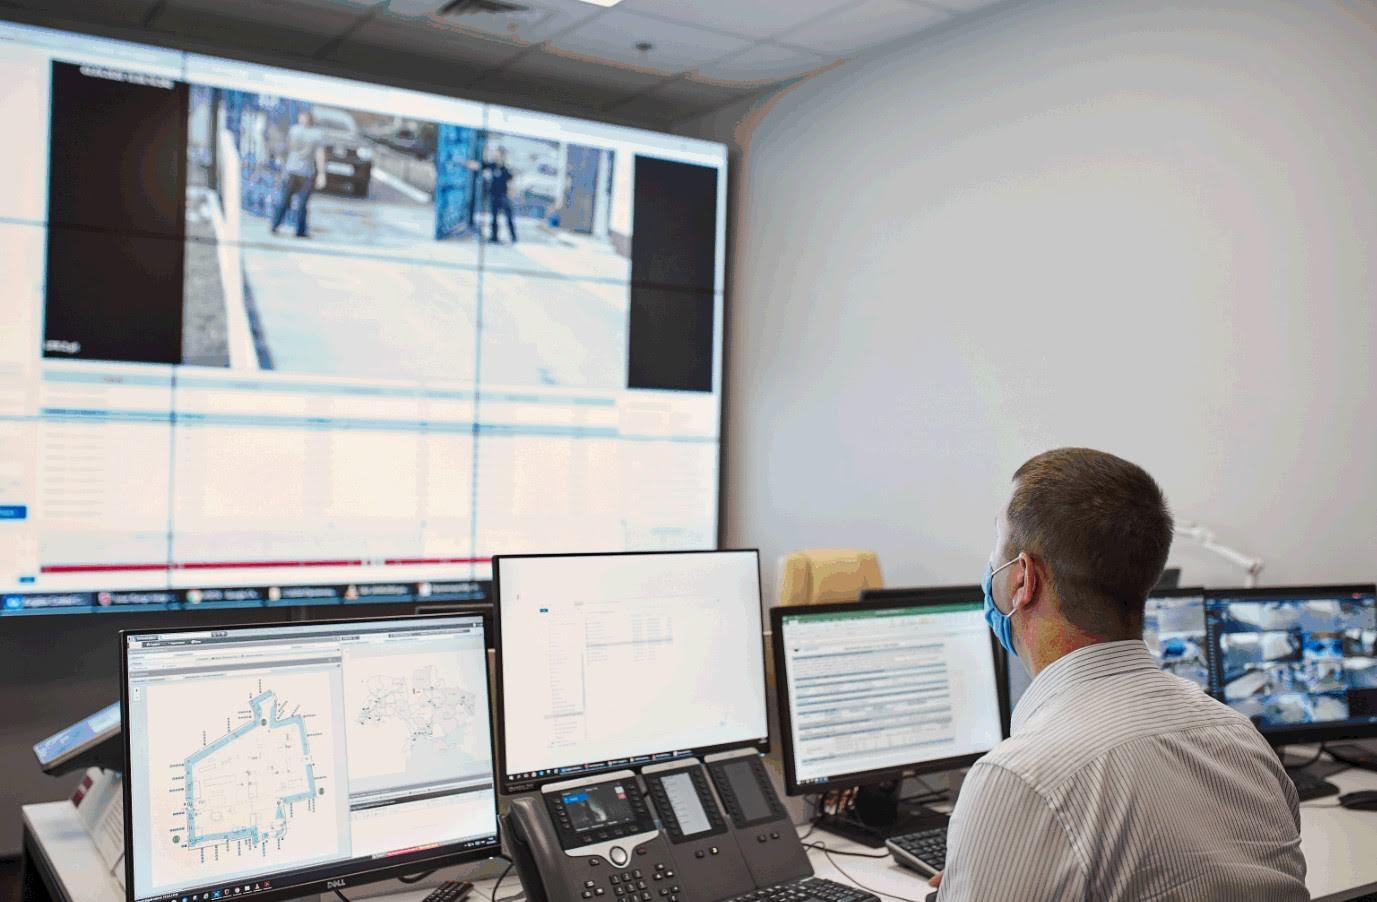 «Укртранснафта» обеспечивает круглосуточное онлайн наблюдение за объектами дивизиона